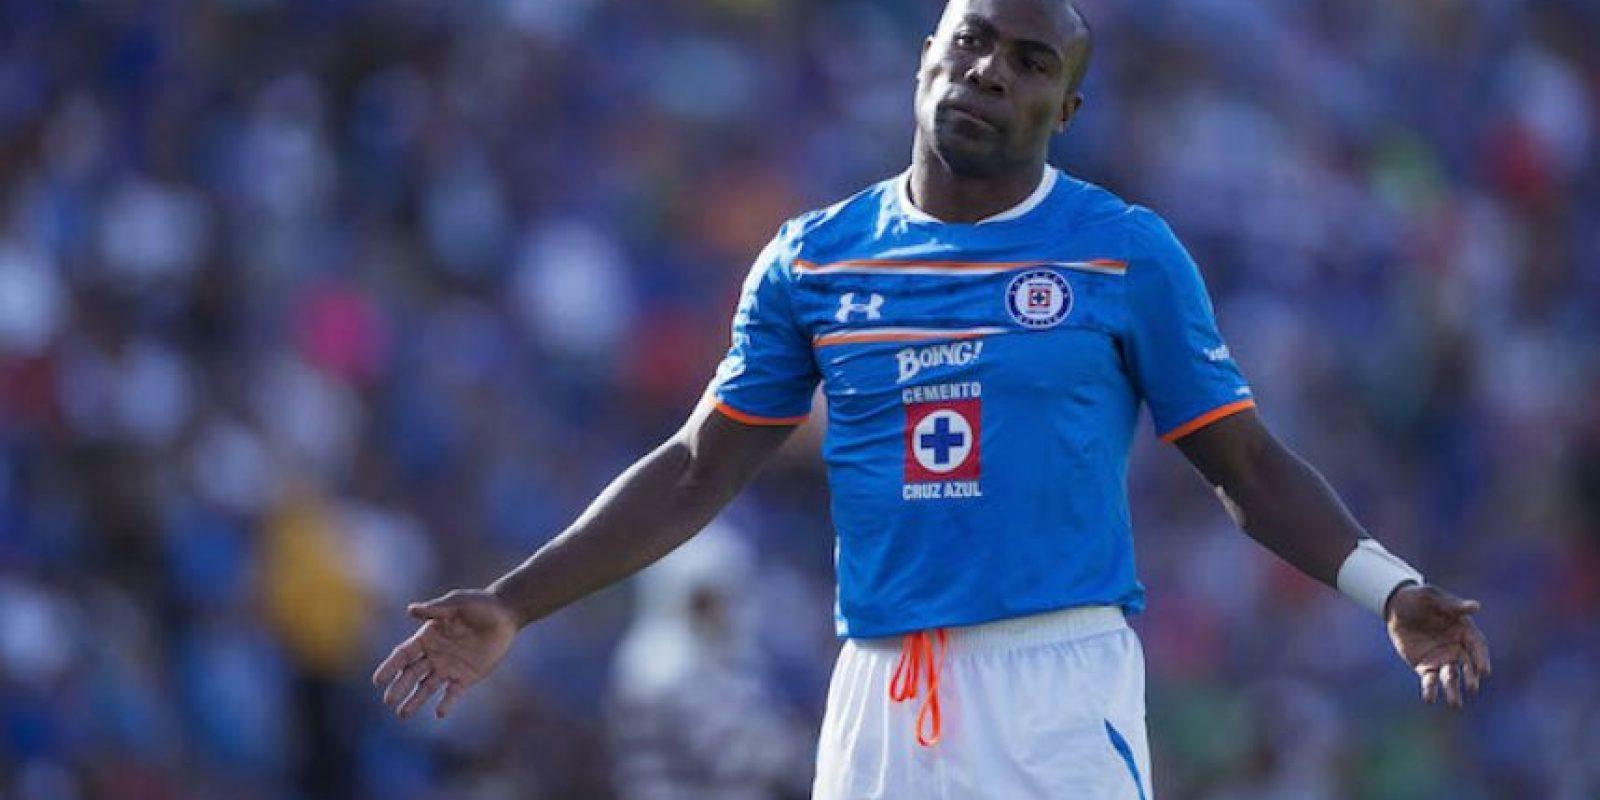 El campeón Tigres vive y manda a casa a Cruz Azul y Pumas Foto:Mexsport